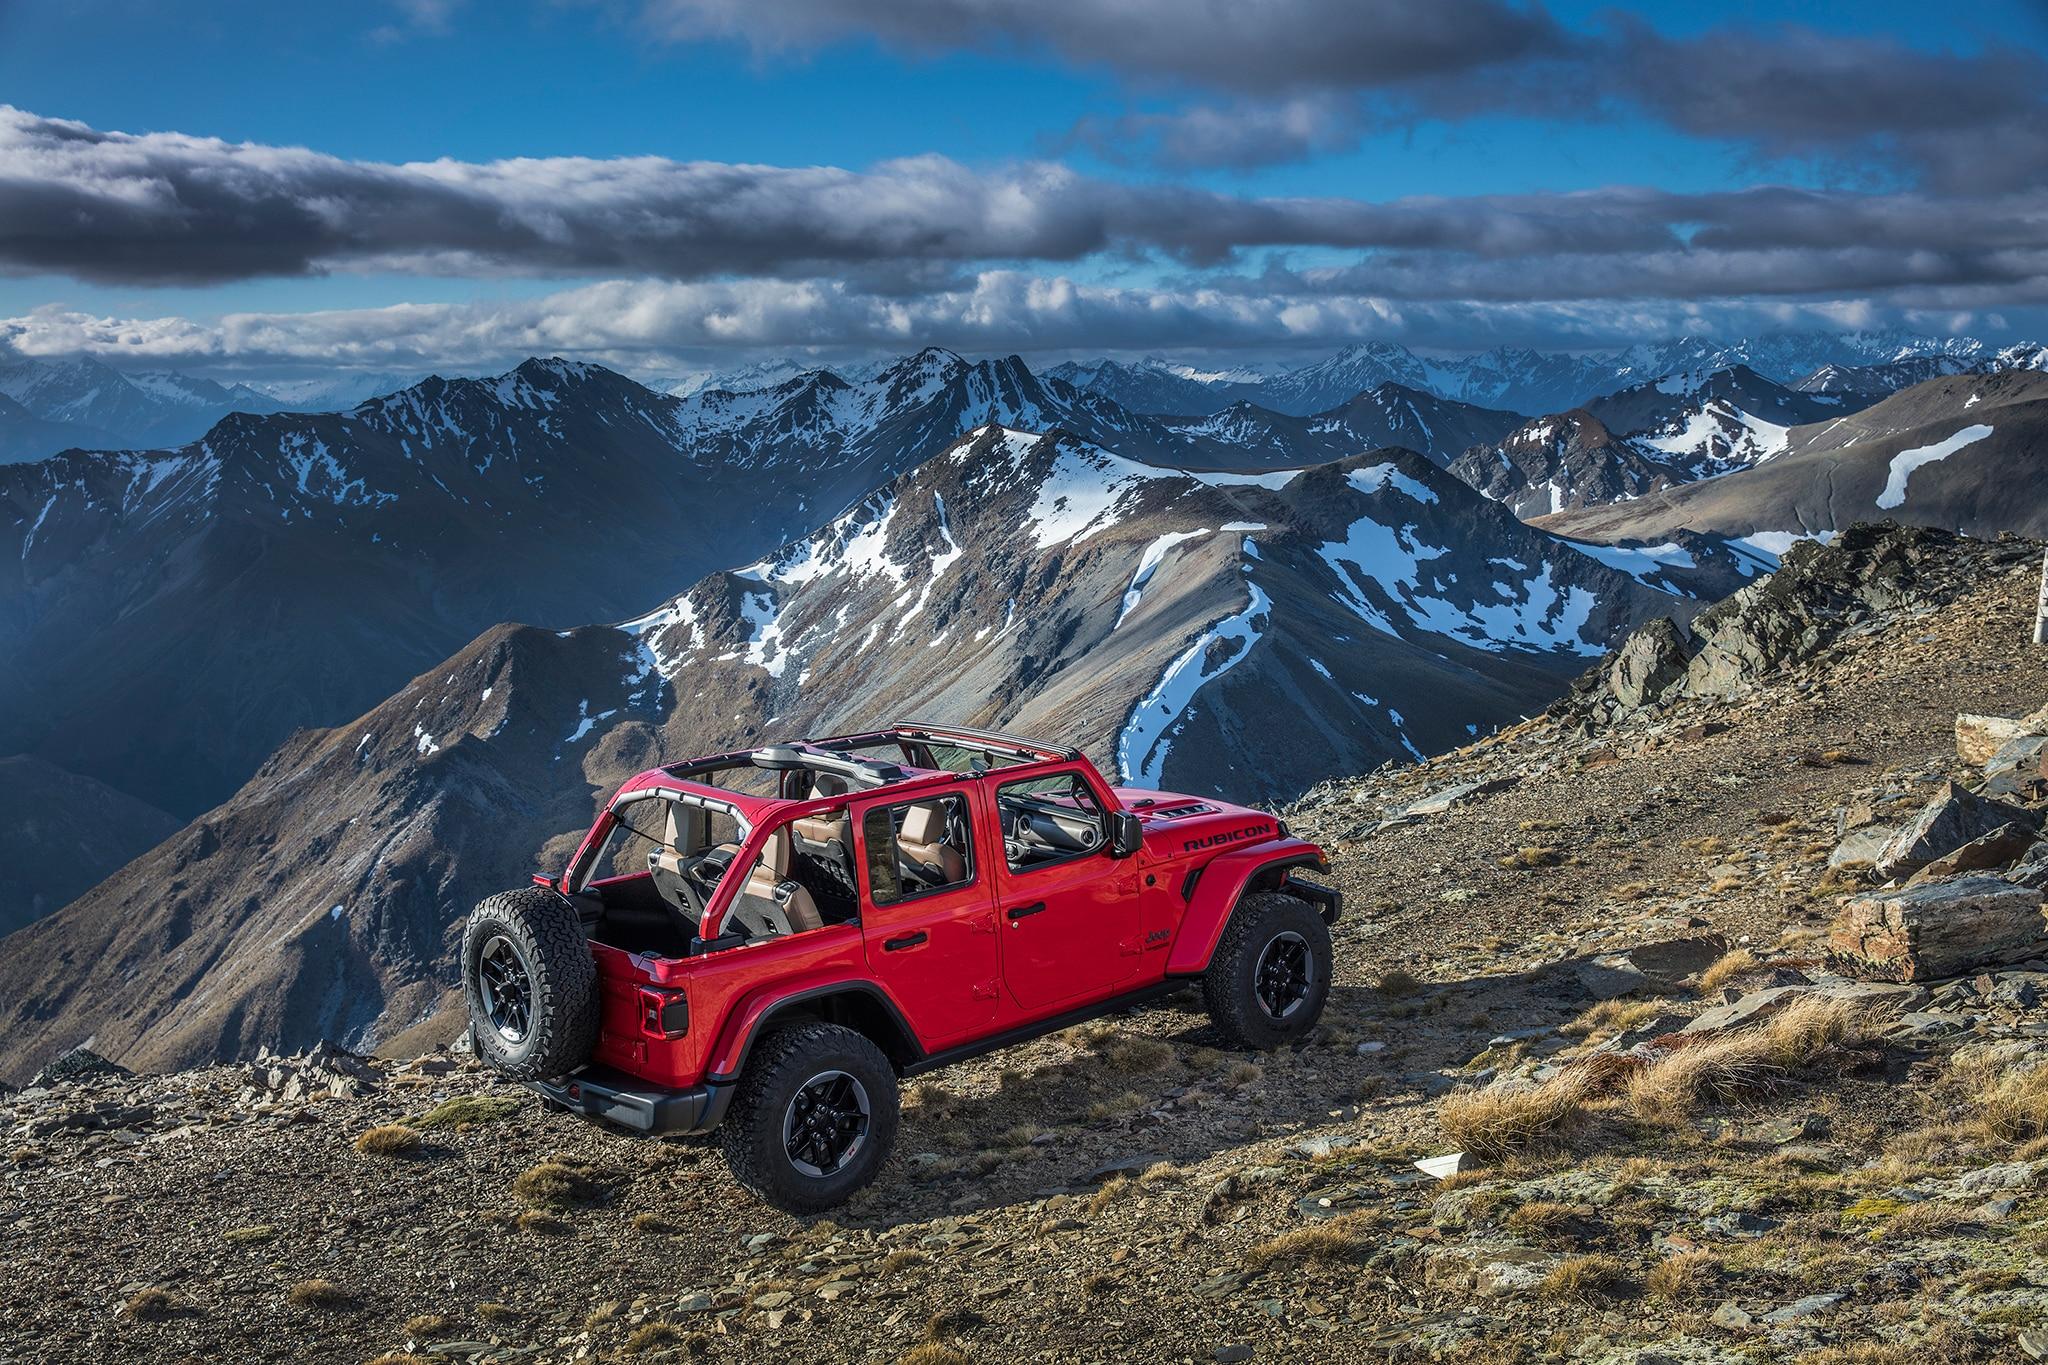 2018 Jeep Wrangler Unlimited Rubicon Rear Three Quarter 01